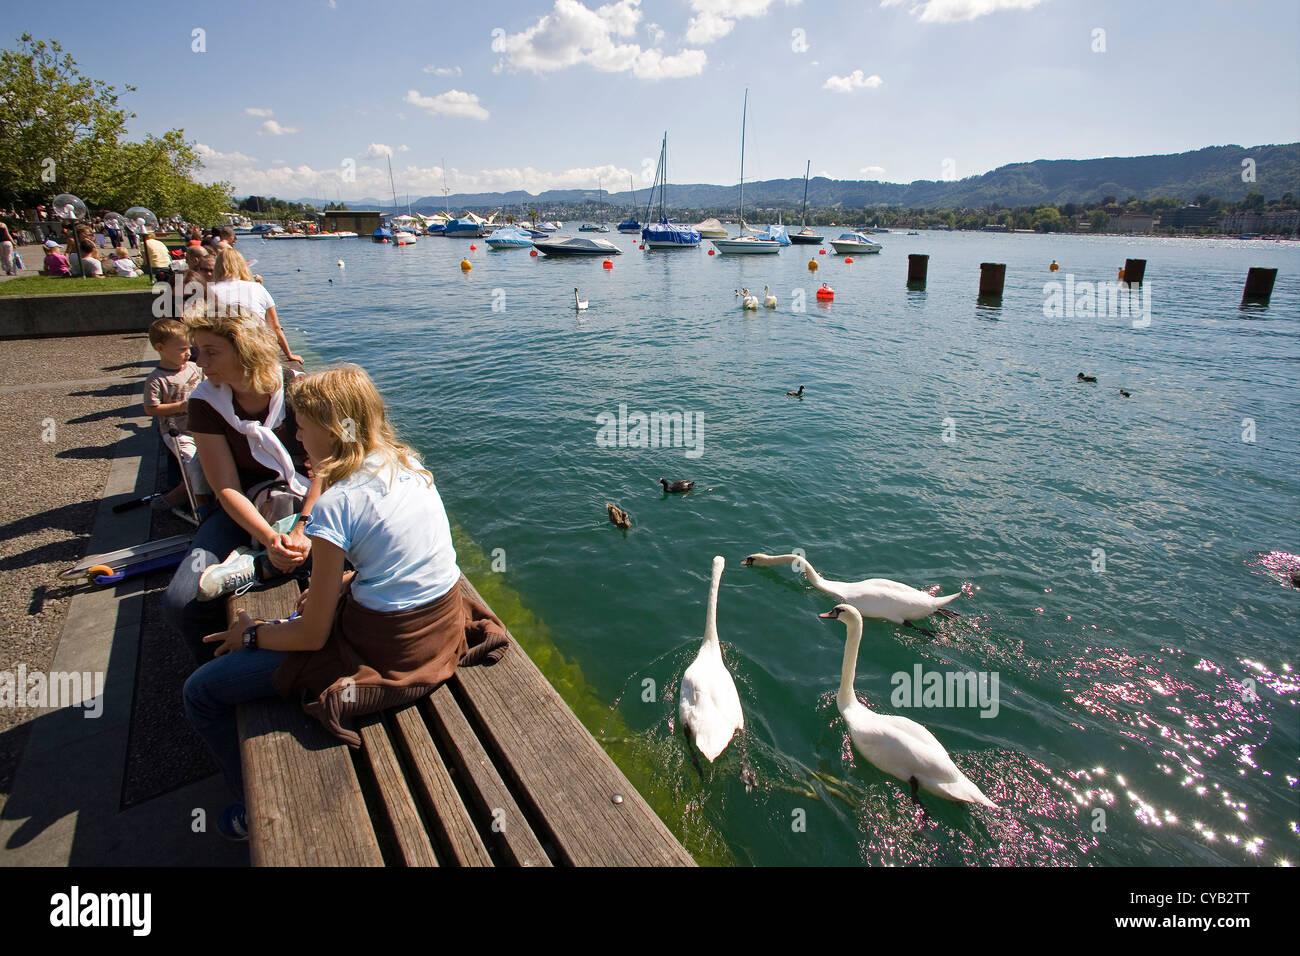 europe, switzerland, zurich, lake of zurich - Stock Image